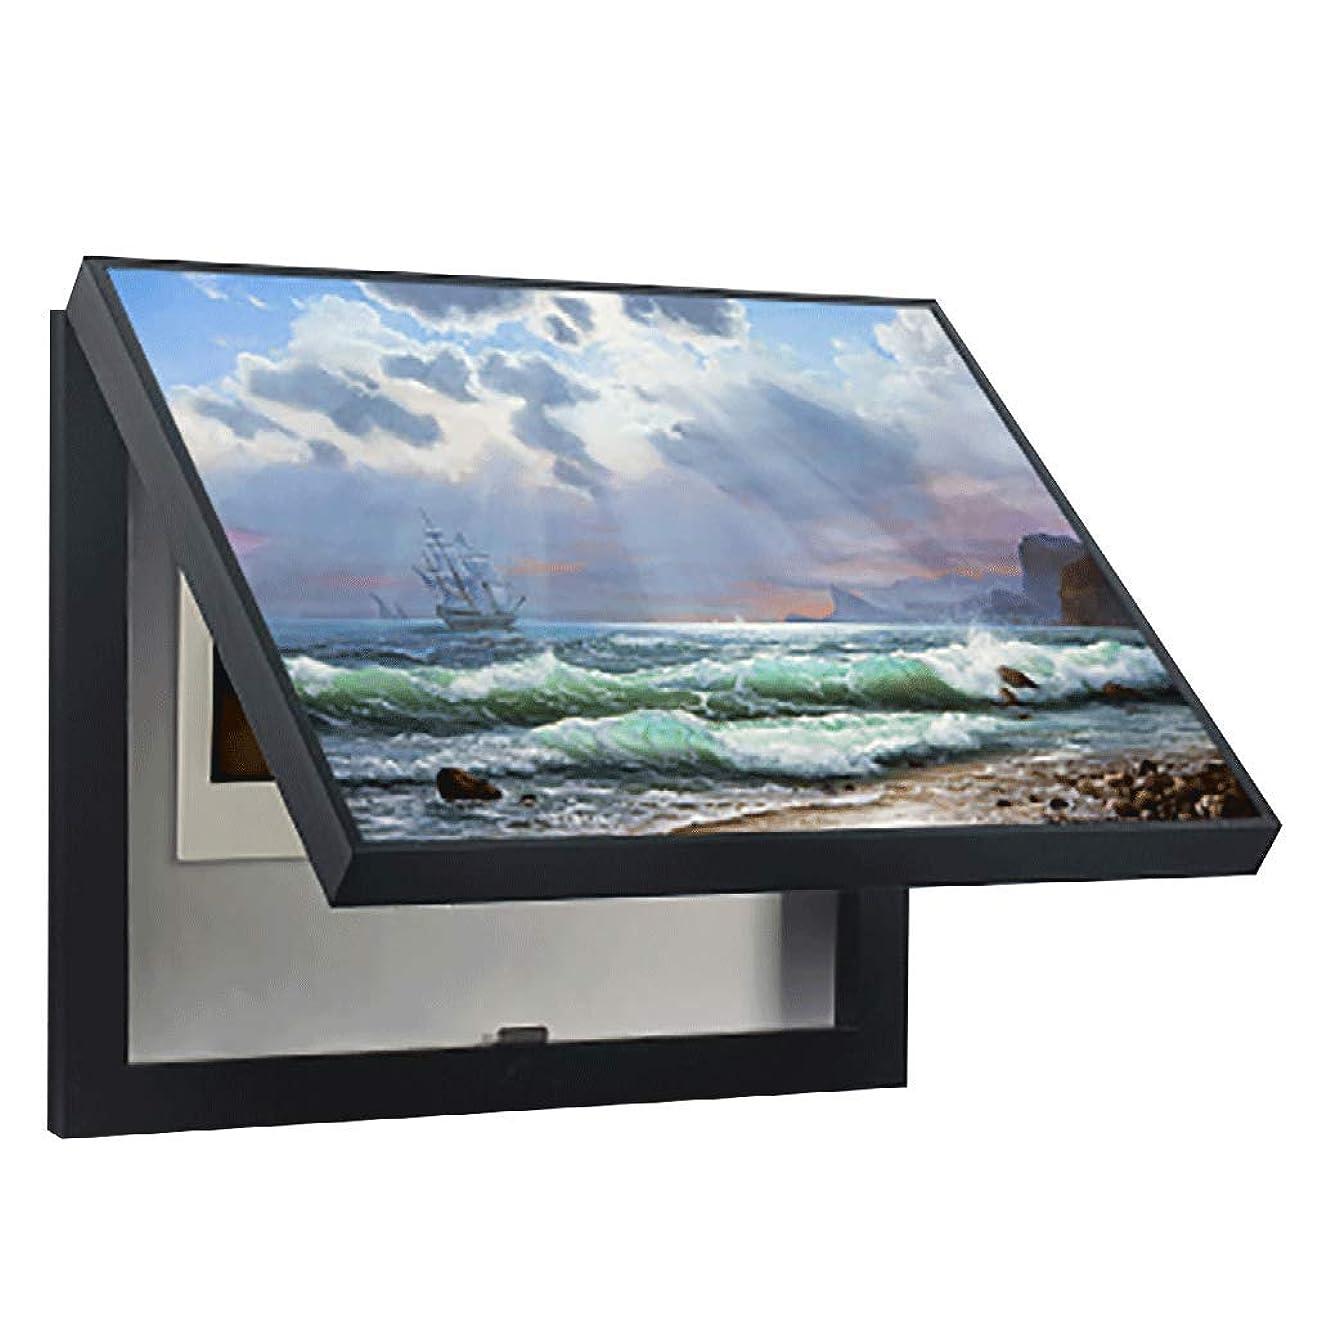 買い物に行く想定するサンドイッチQIQIDEDIAN 電気メーターボックス装飾絵画無料パンチングシンプルなモダンなリビングルームペインティングスイッチオクルージョンボックスパワーボックス (Color : Black, Size : (50*40cm 40*30cm)-Flip cover)